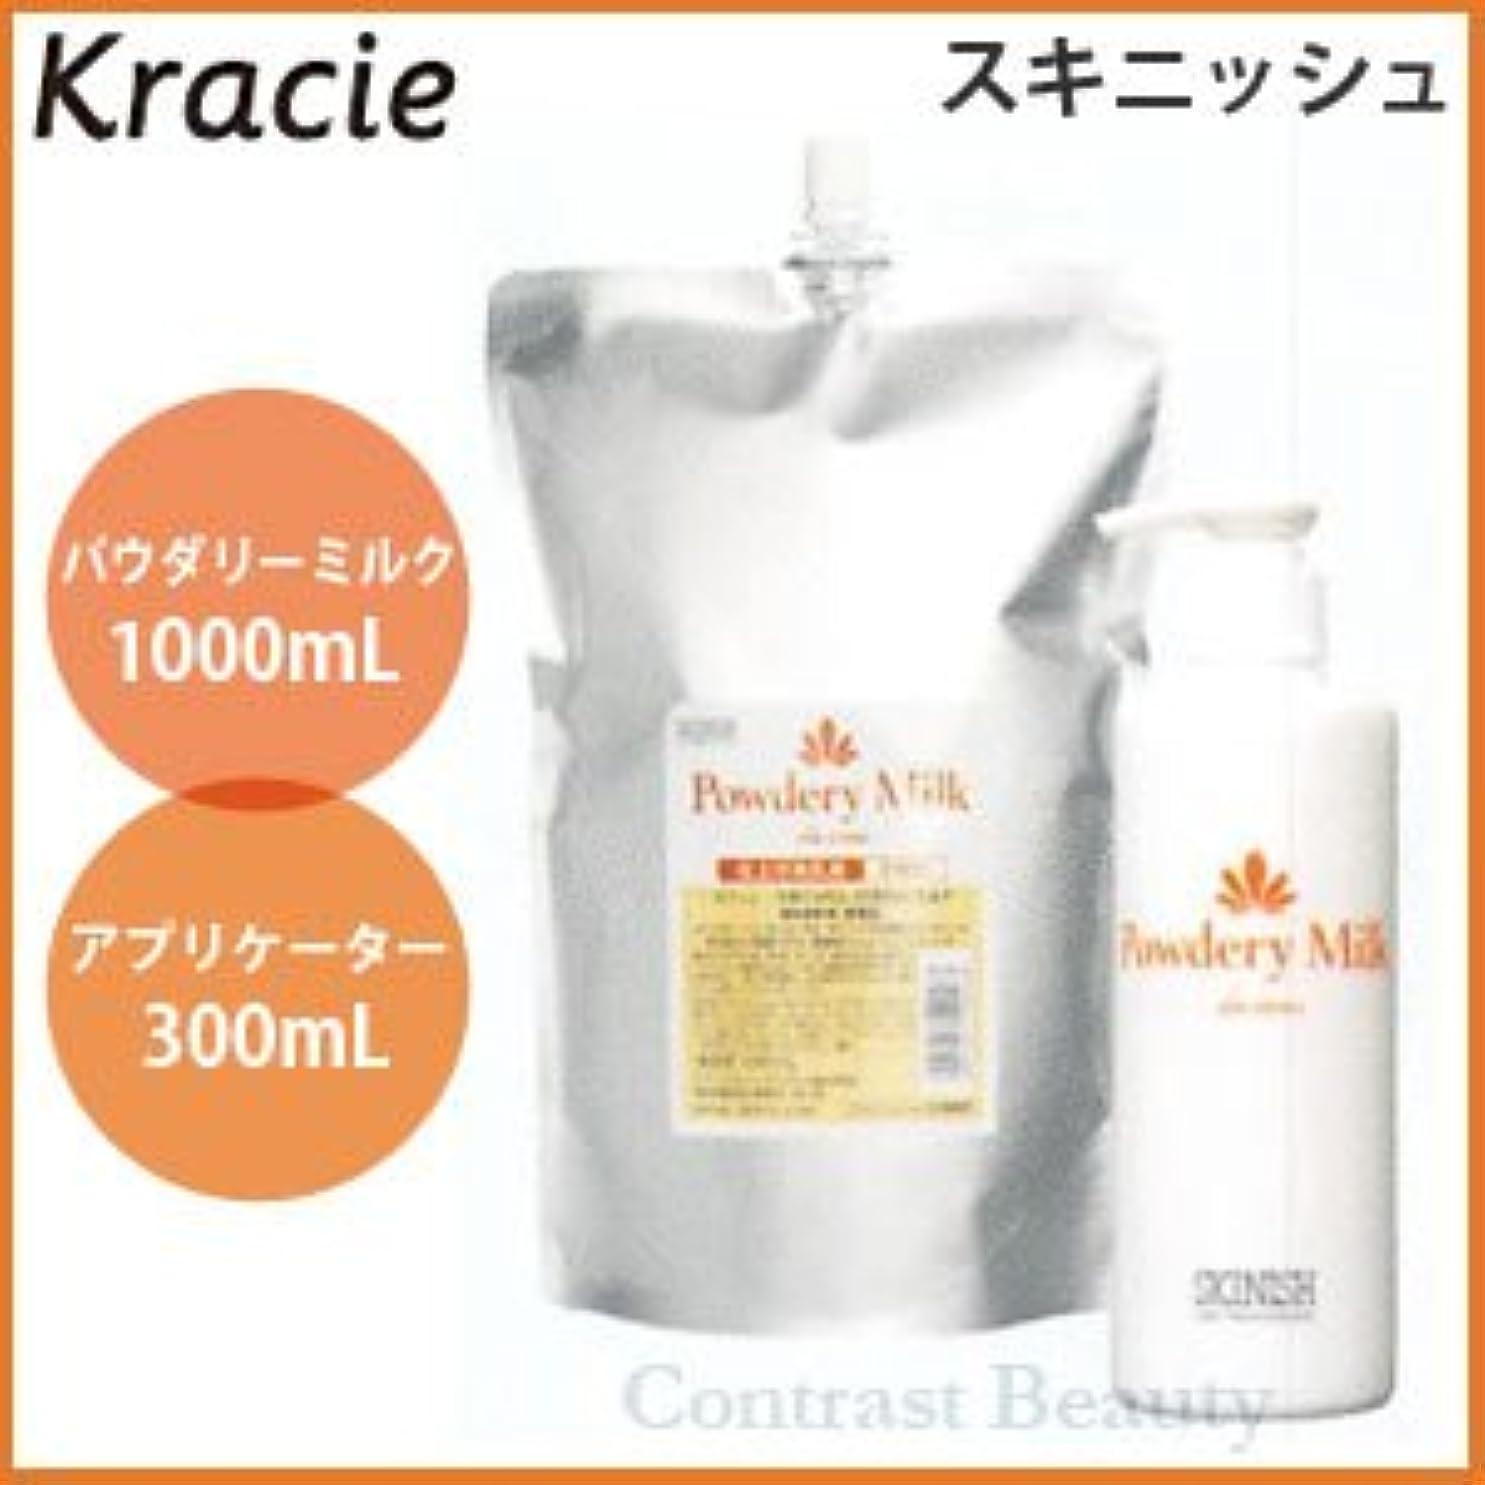 くしゃくしゃ二層ブレスクラシエ スキニッシュ パウダリーミルク 1000ml 詰替え用 & アプリケーター 300ml